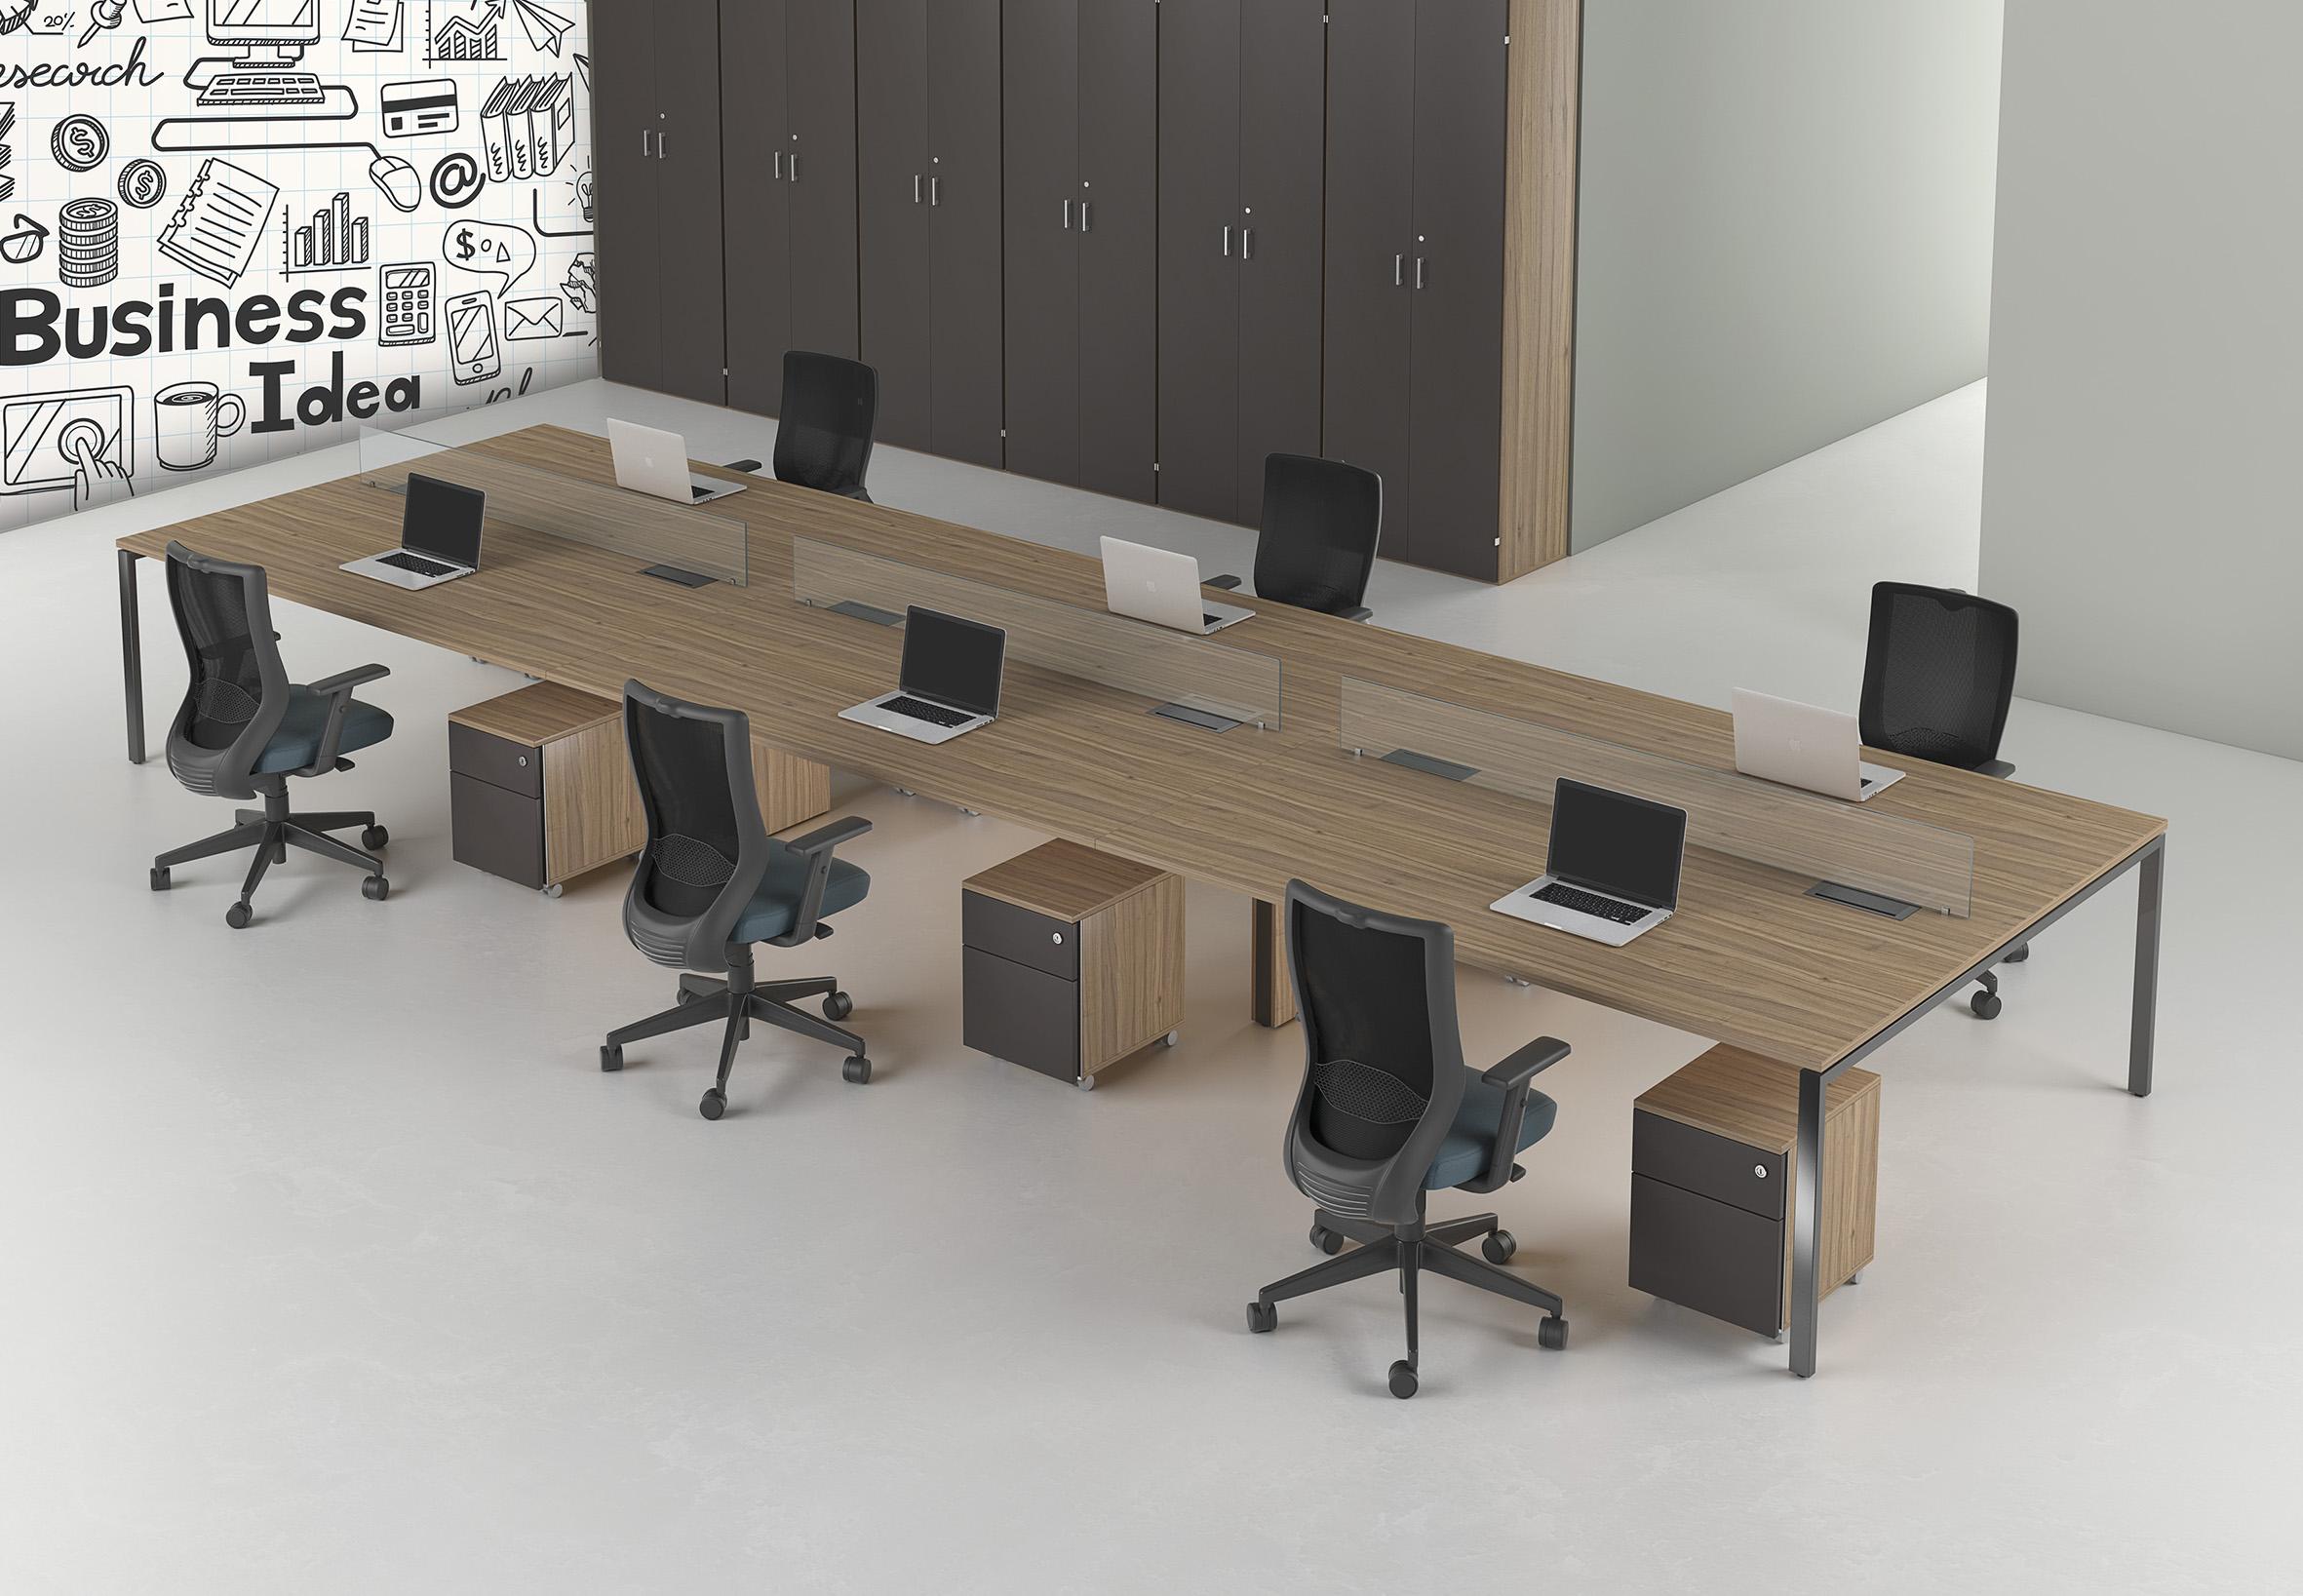 Espaço colaborativo com Estação de Trabalho Smart da RS Design. Investimento na interação da equipe.